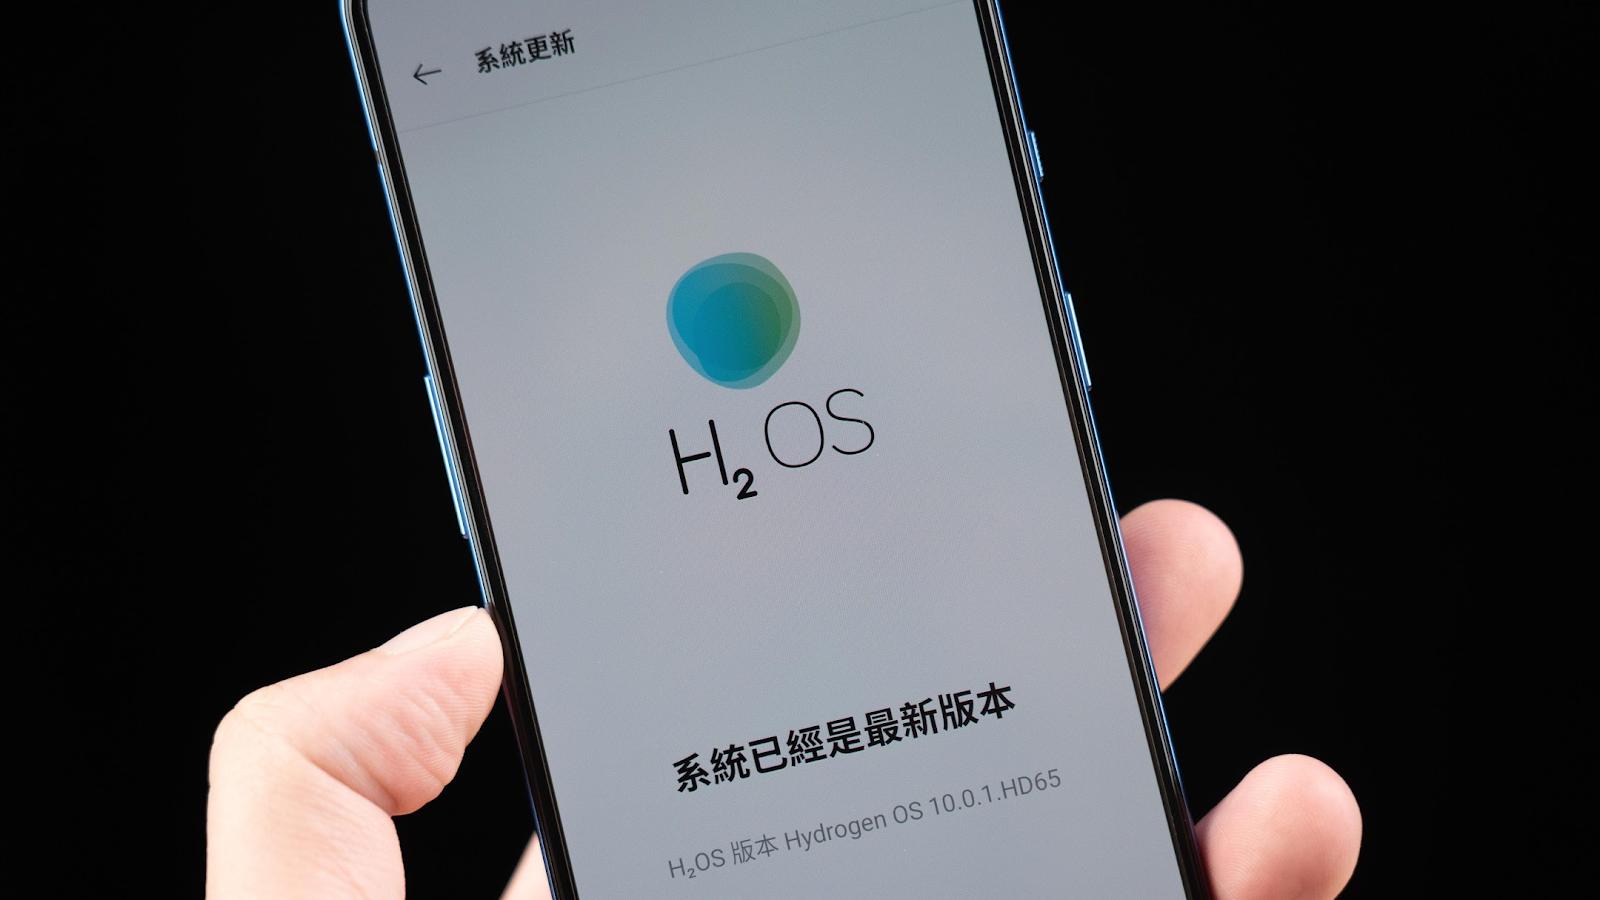 開箱在京東買的一加 OnePlus 7T!該怎麼安裝 Google、刷氧OS? - 9